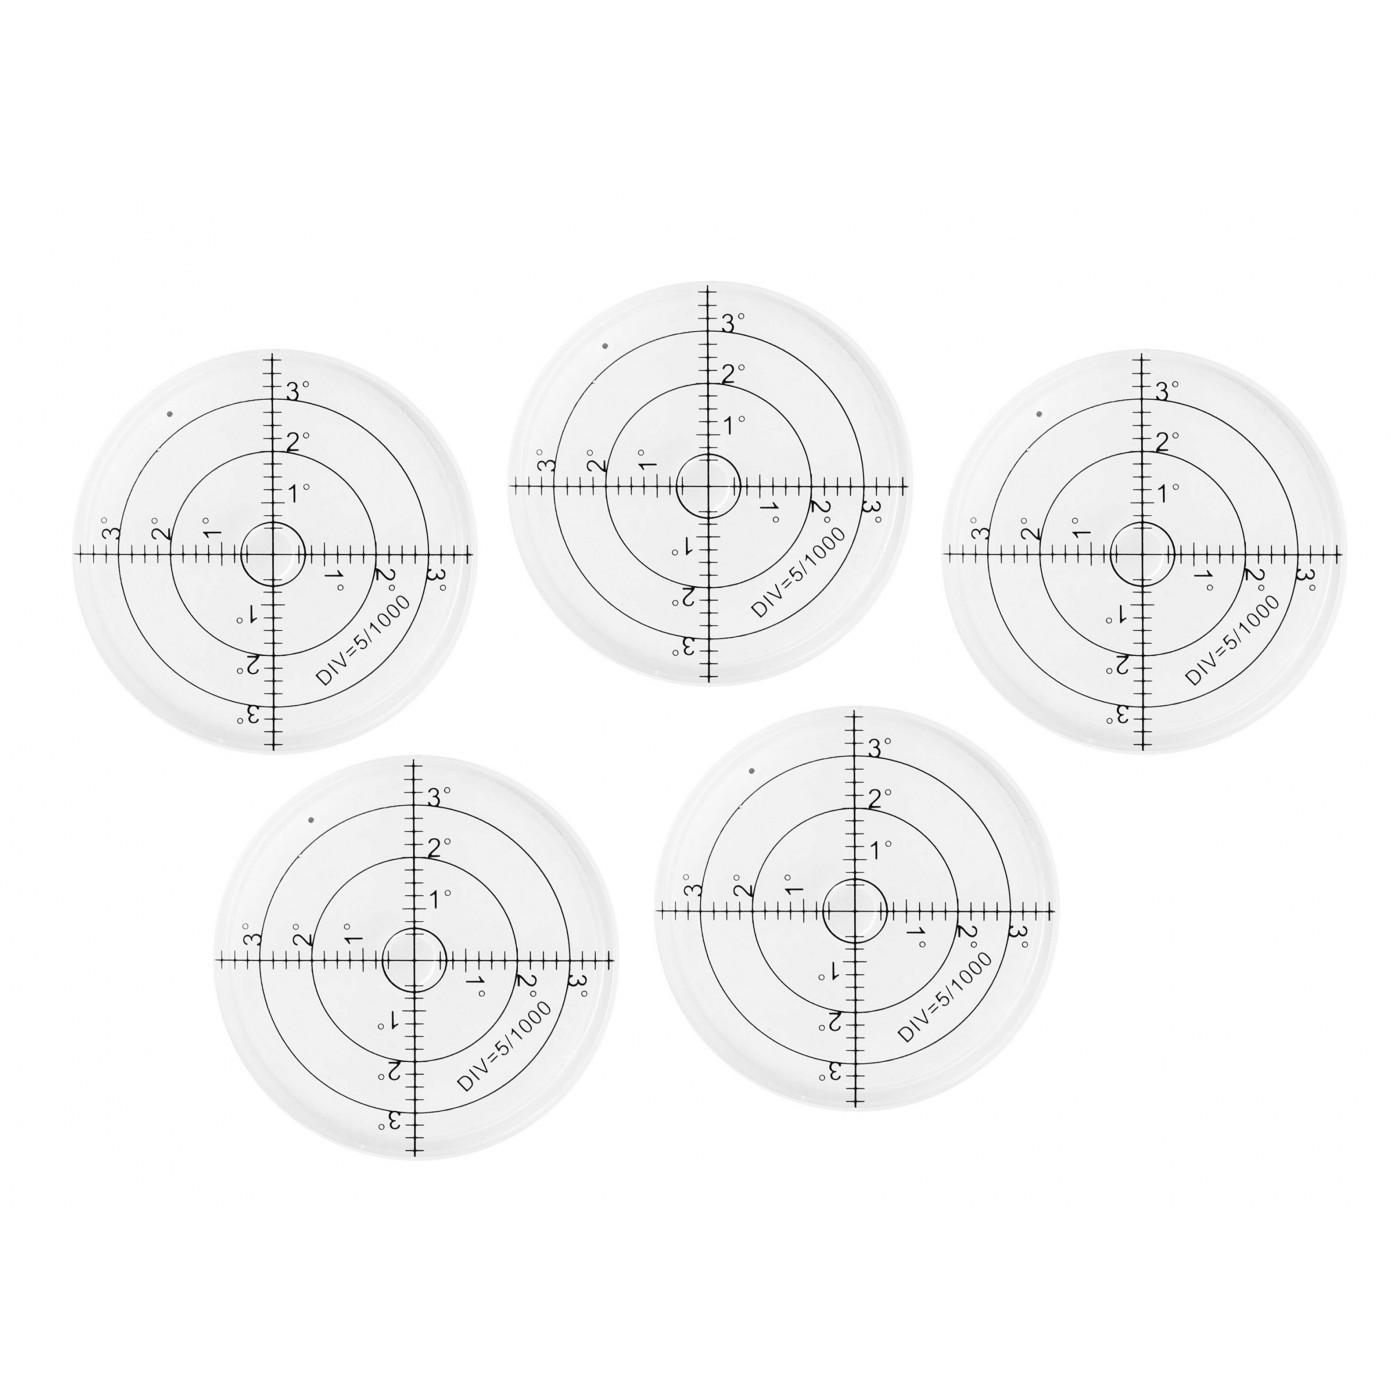 Set von 5 runde Wasserwaagen (66x11 mm, weiss)